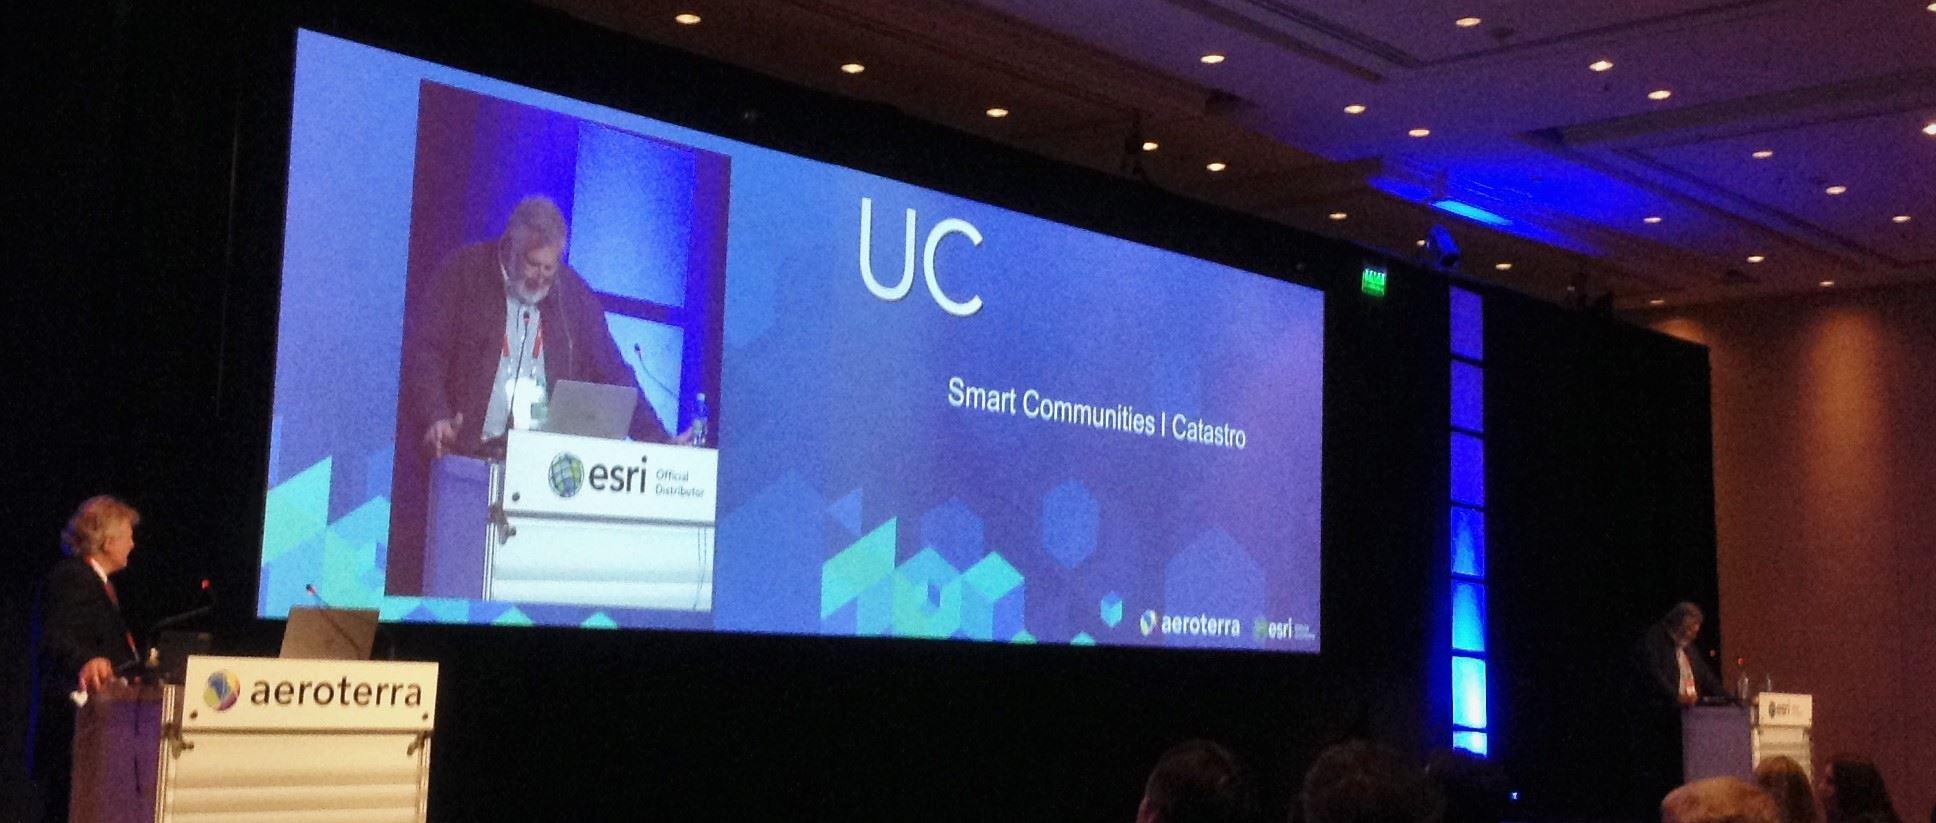 Track Catastro y Smart Communities. Conferencia de Usuarios ESRI Buenos Aires, 2016.